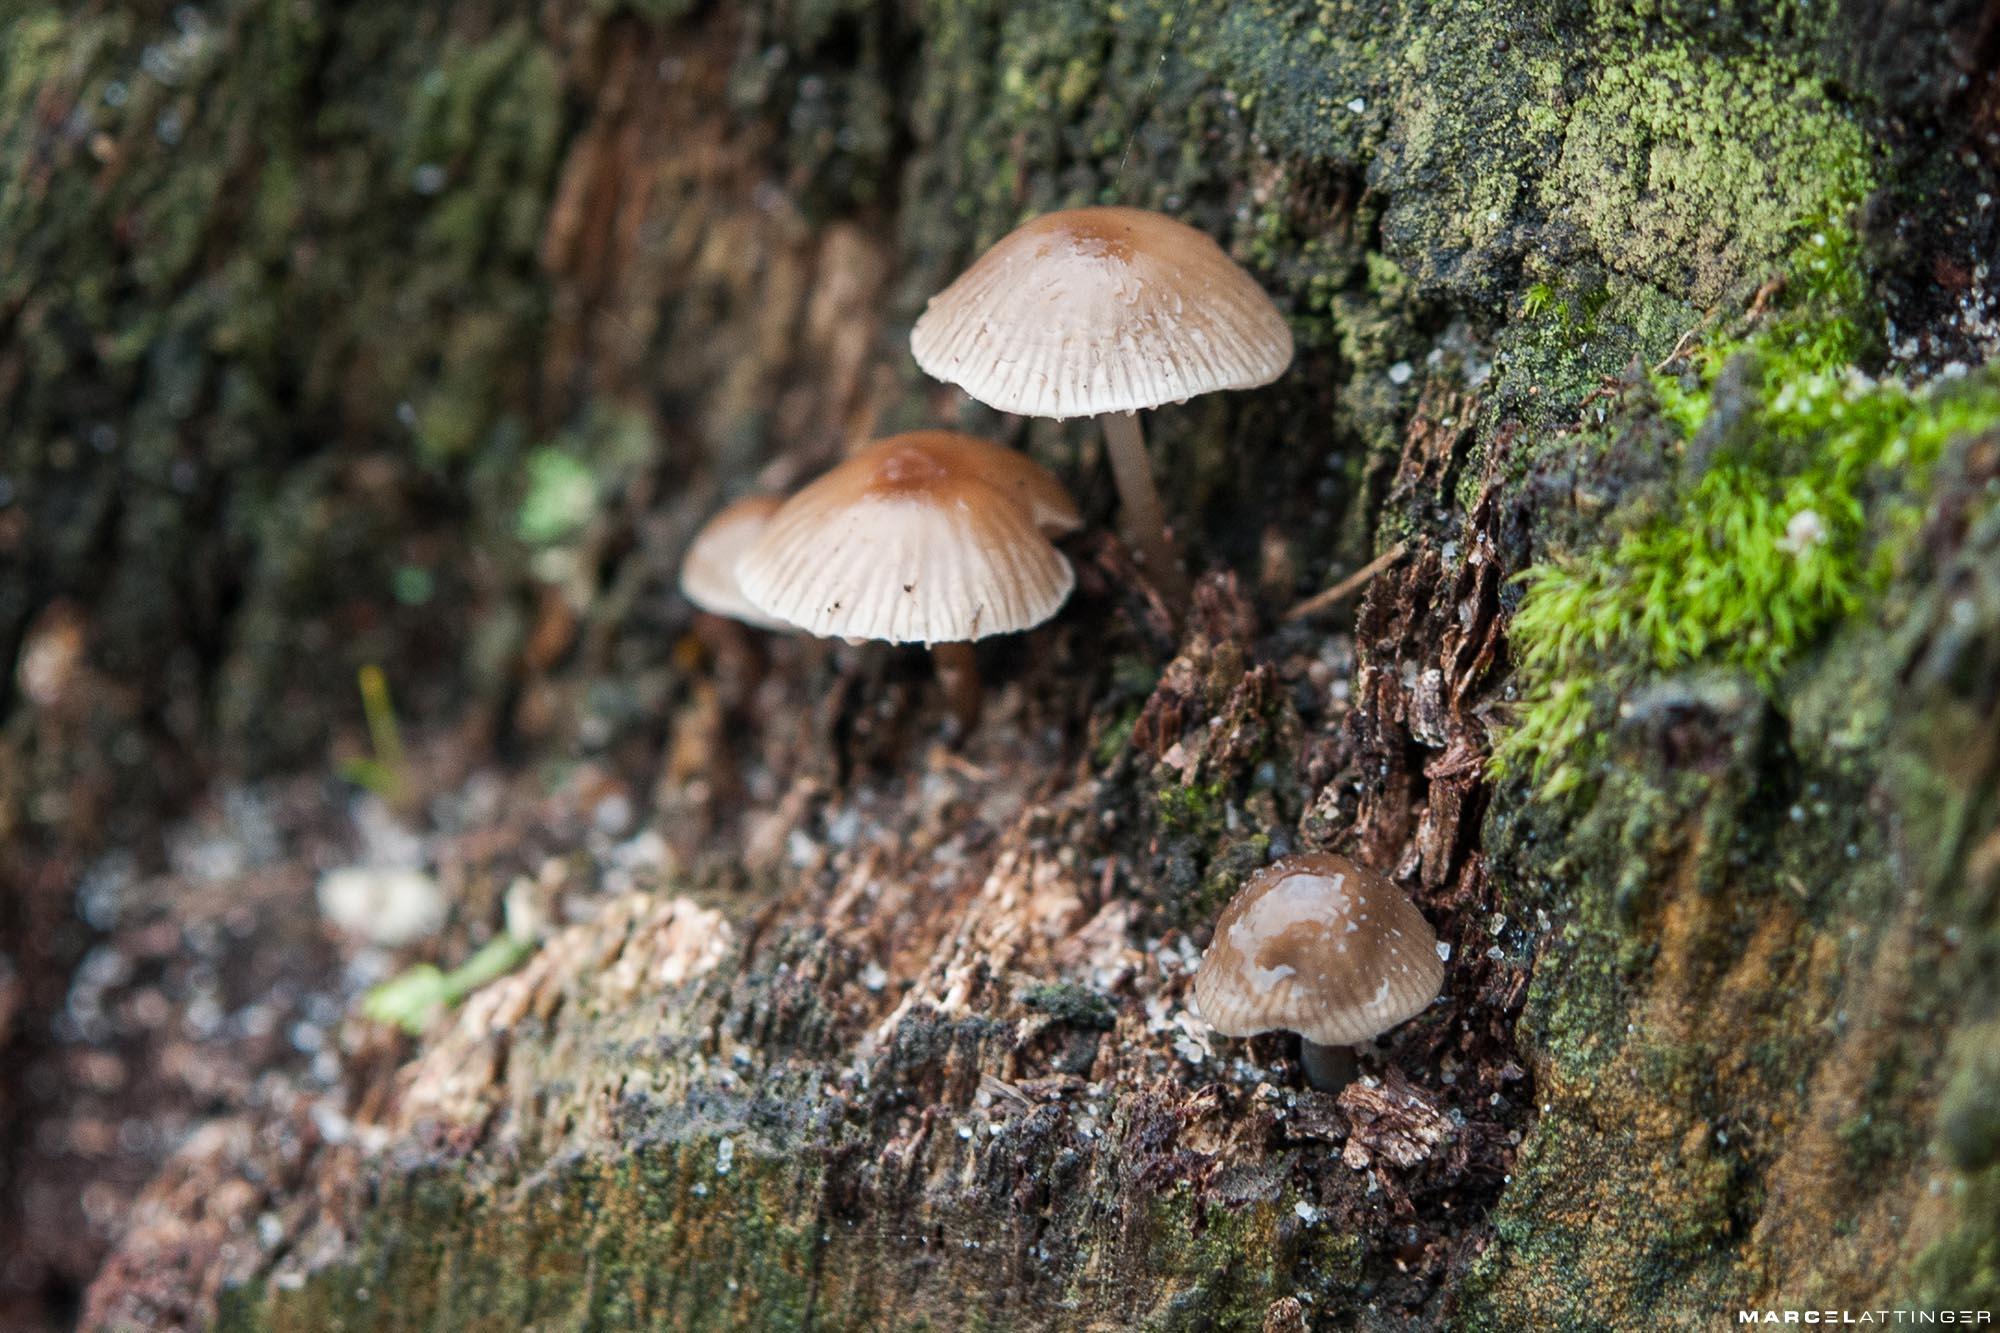 Drie paddenstoelen in focus met waterdruppels